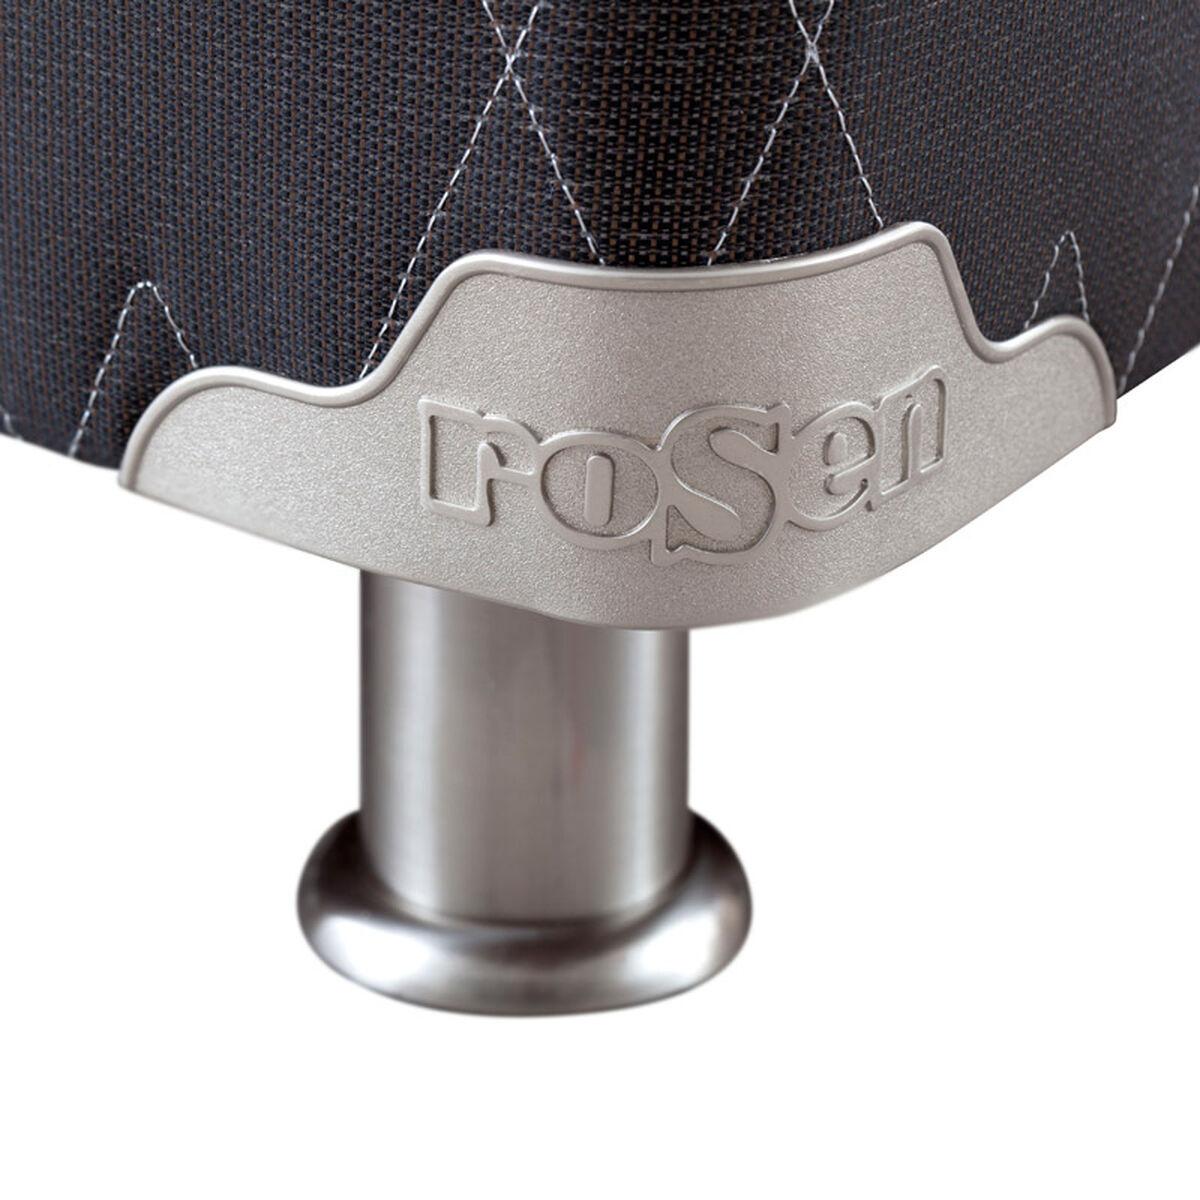 Box Spring King Rosen Ergo T + Respaldo + Velador + Textil